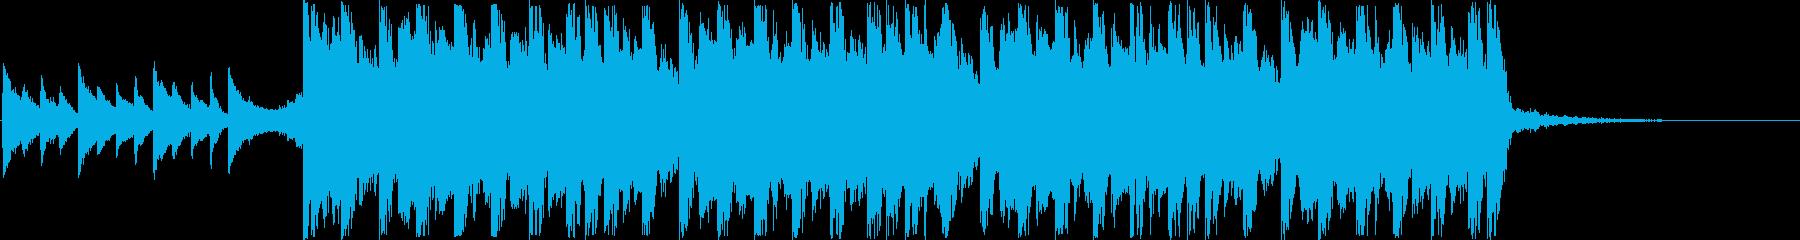 切ないクリスマスのデジタルJ-POPの再生済みの波形